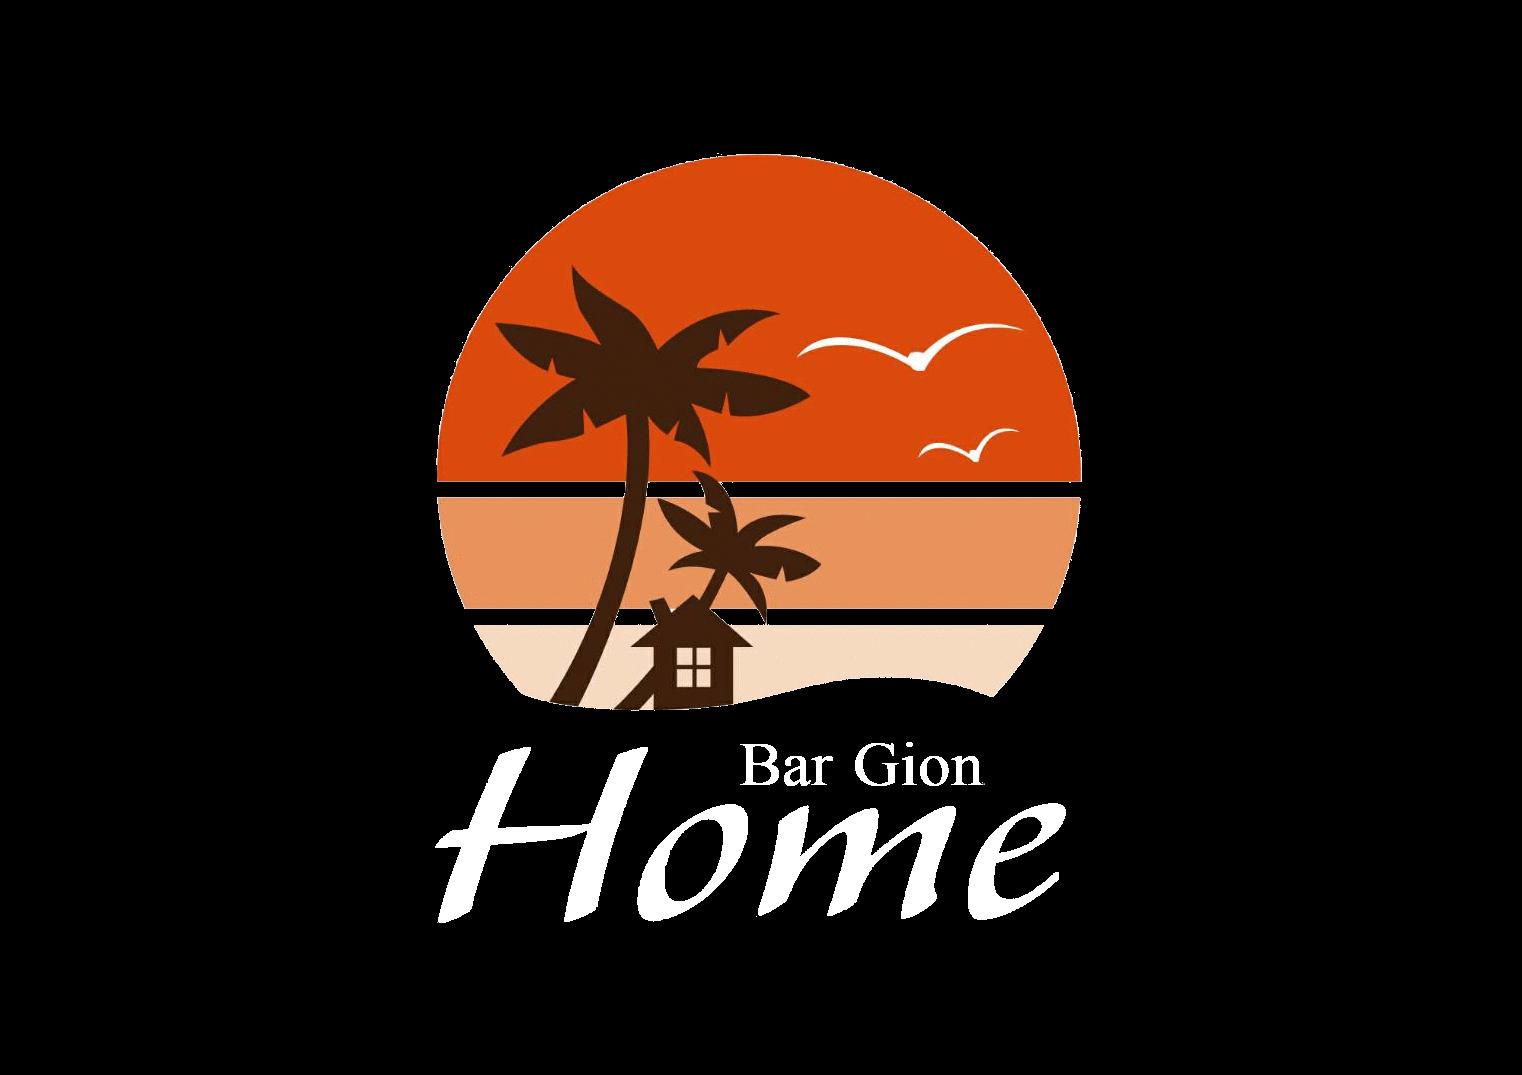 京都 Bar Home